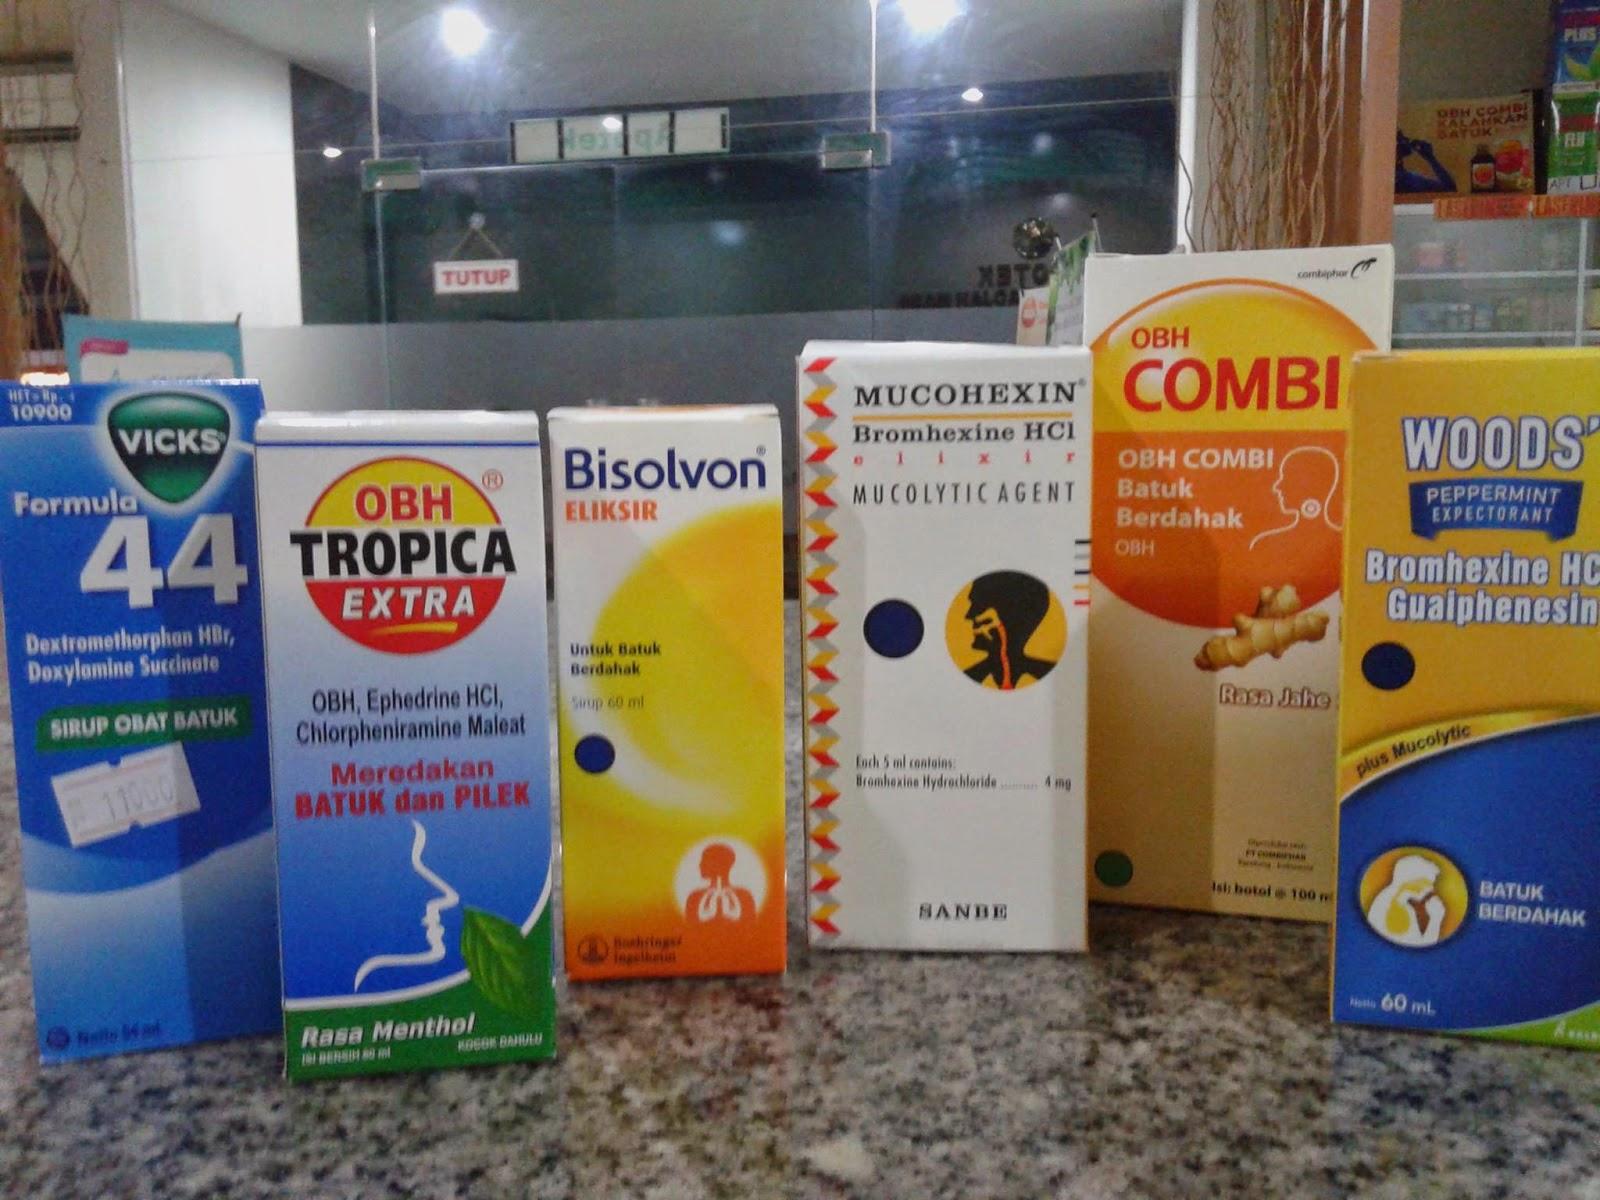 Contoh obat dagang (pic : obatbatukalami.com)